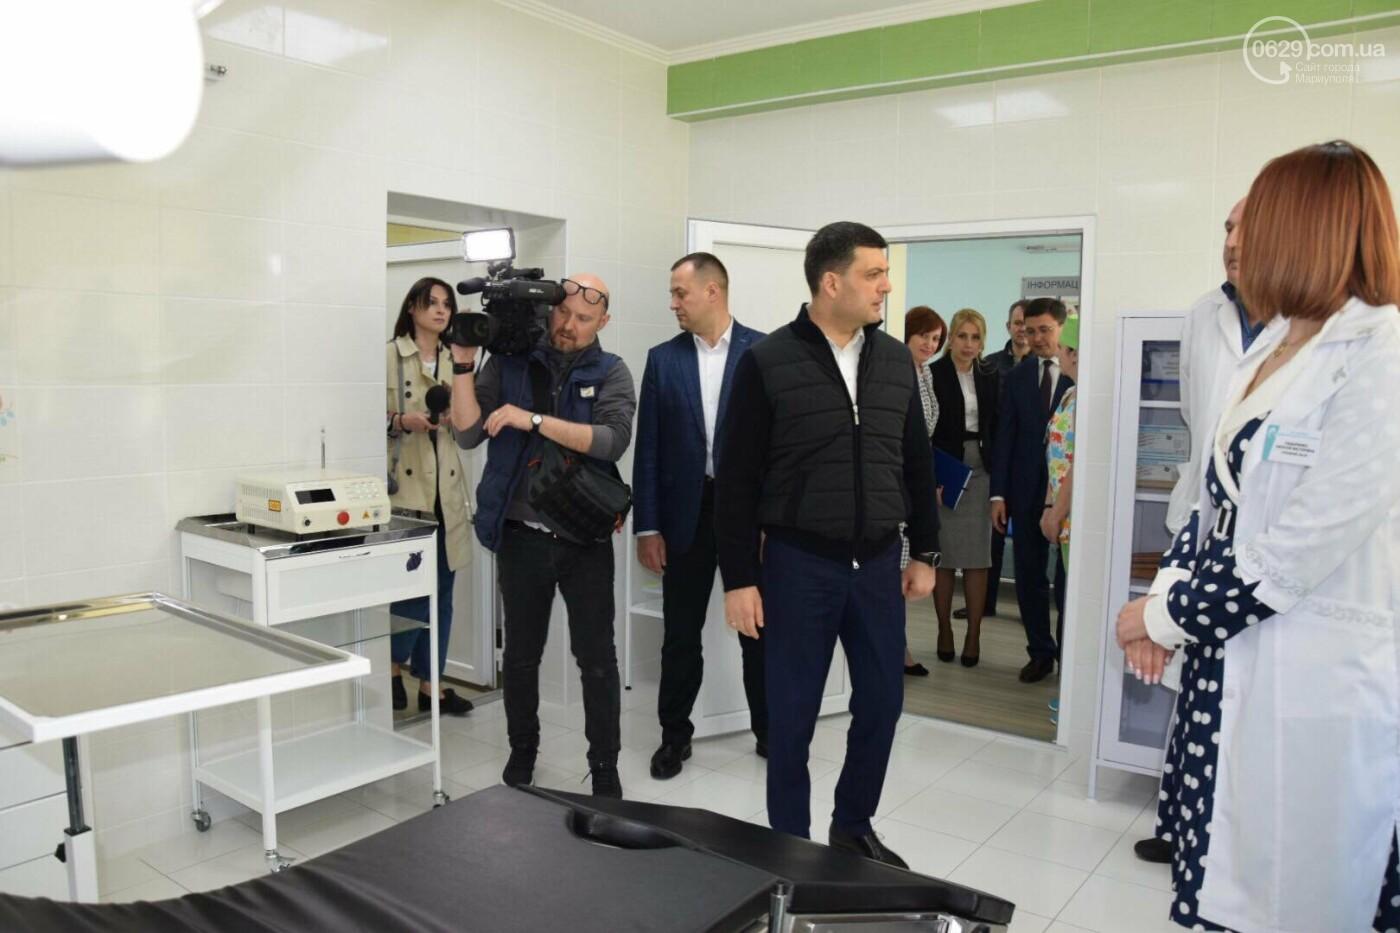 В Мариуполе Владимир Гройсман открыл детскую поликлинику и познакомился с Сережей, - ФОТОРЕПОРТАЖ, ВИДЕО, фото-36